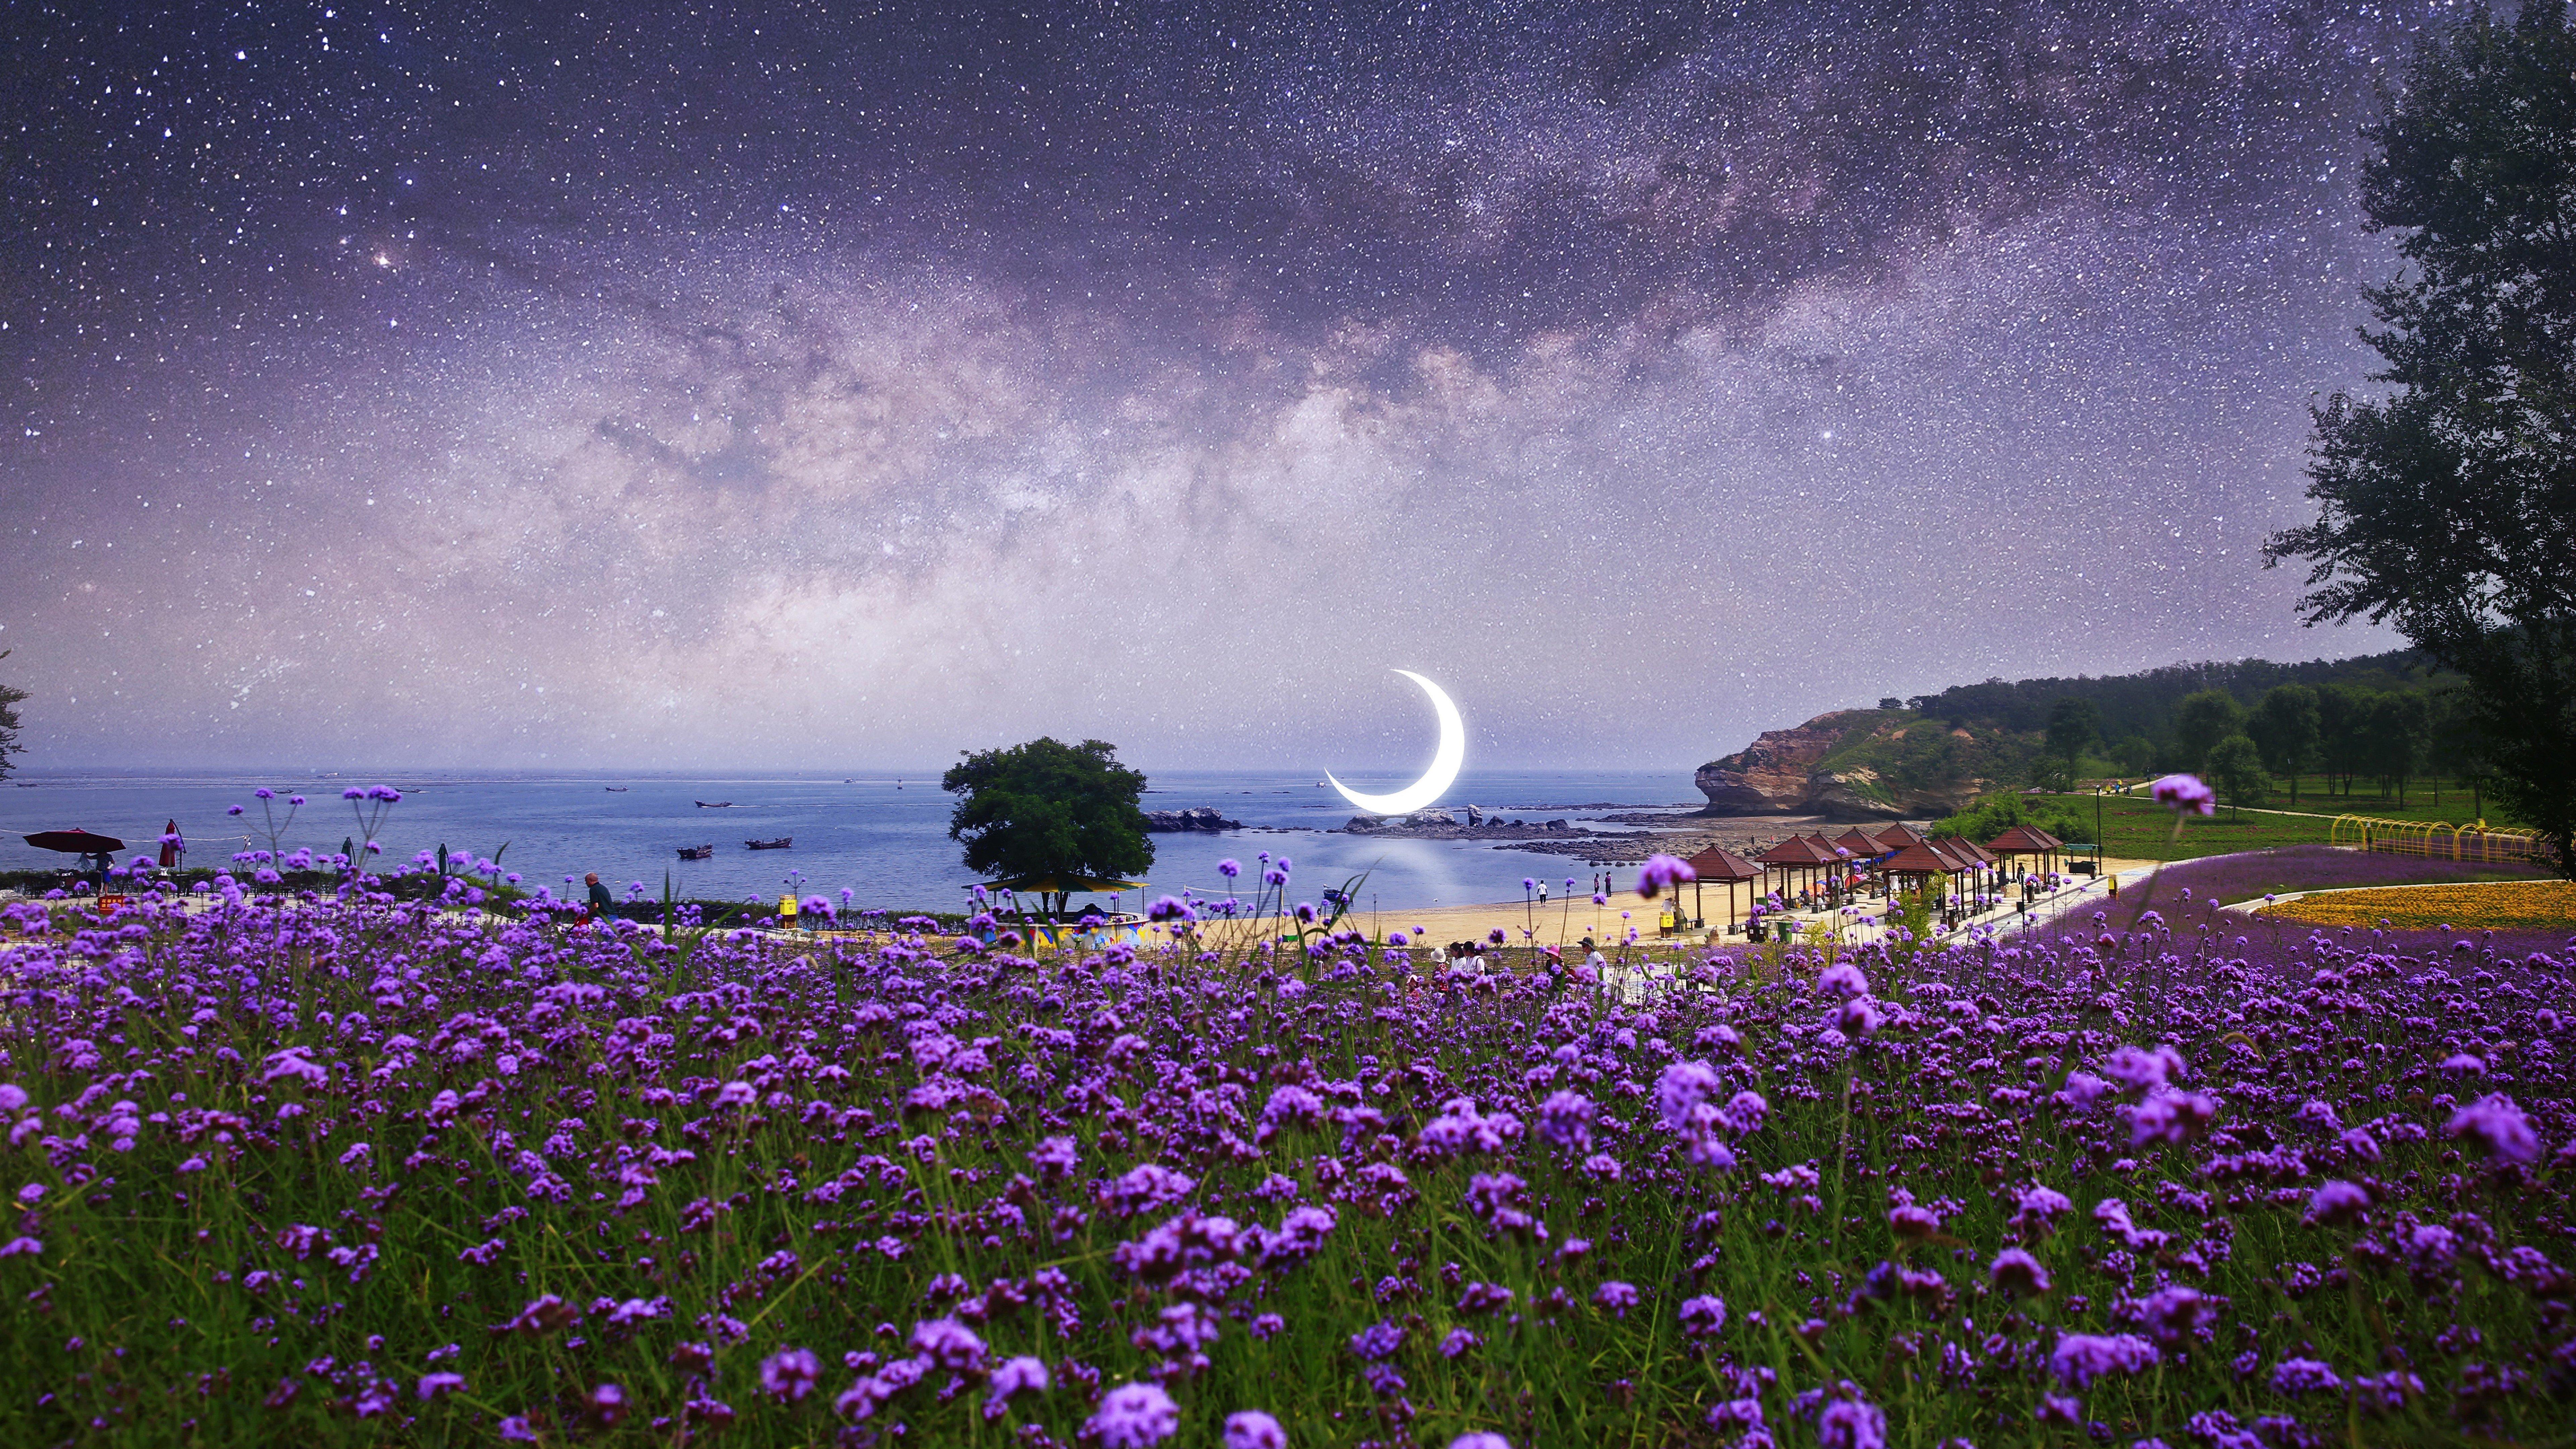 Fondos de pantalla Campo de lavanda en la playa bajo las estrellas